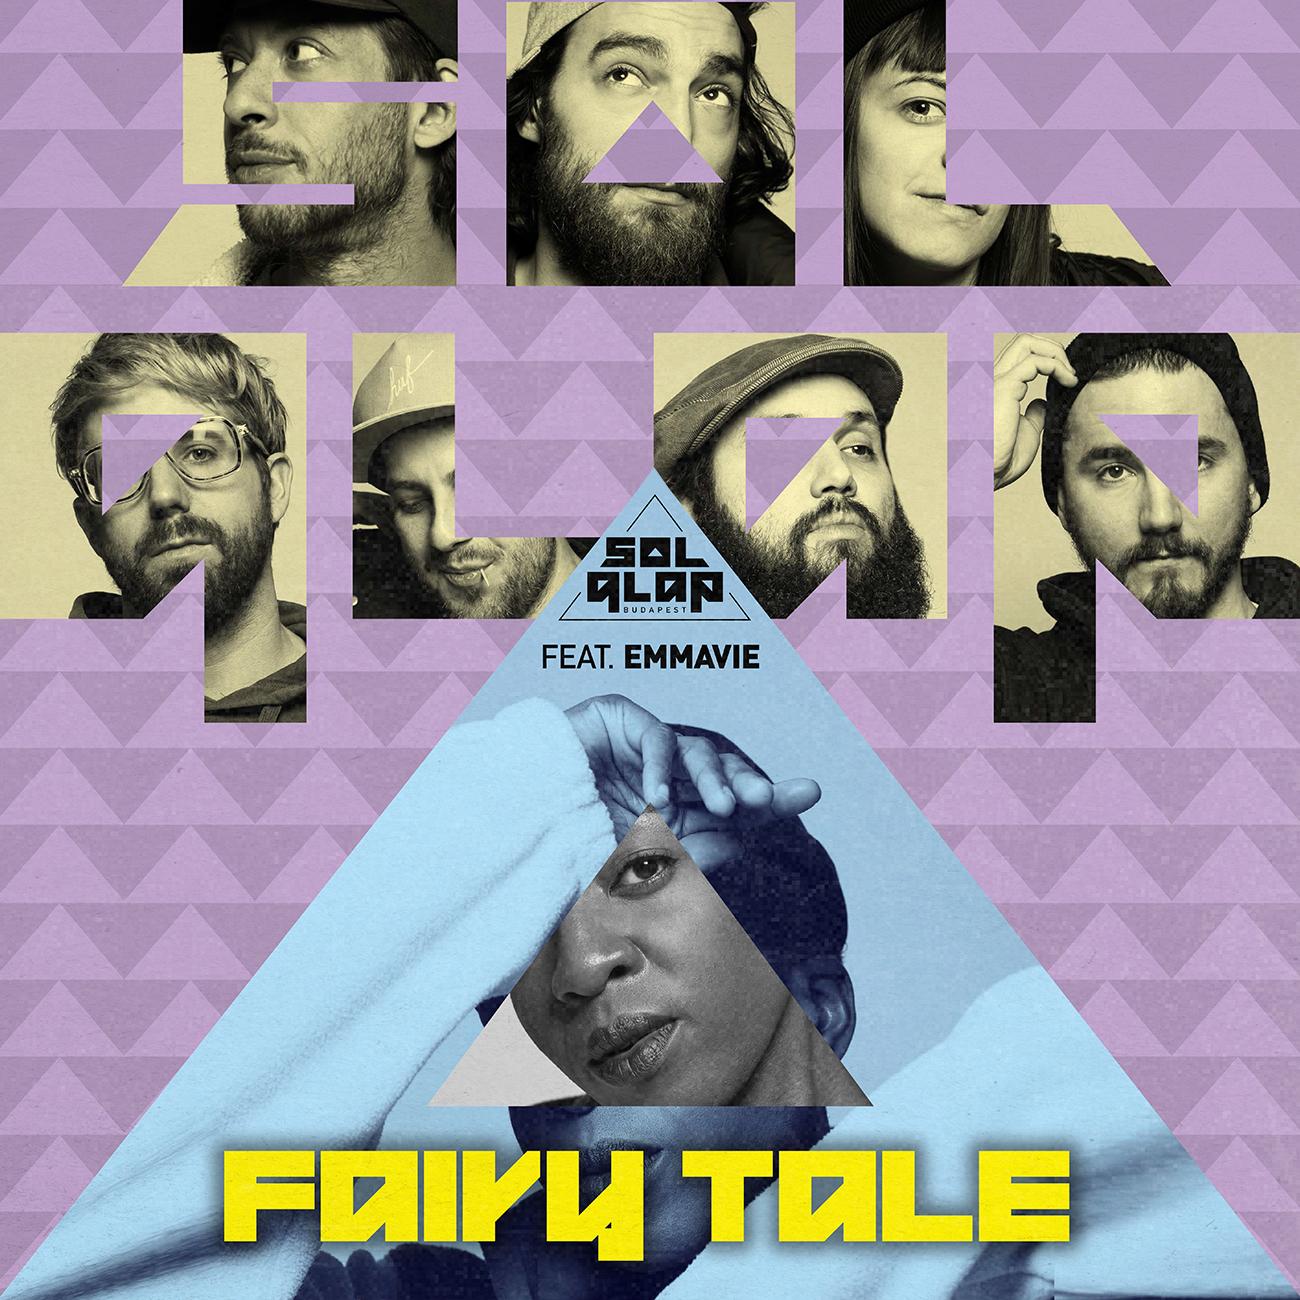 solqlap_final_3style_fairytale-1_1.jpg